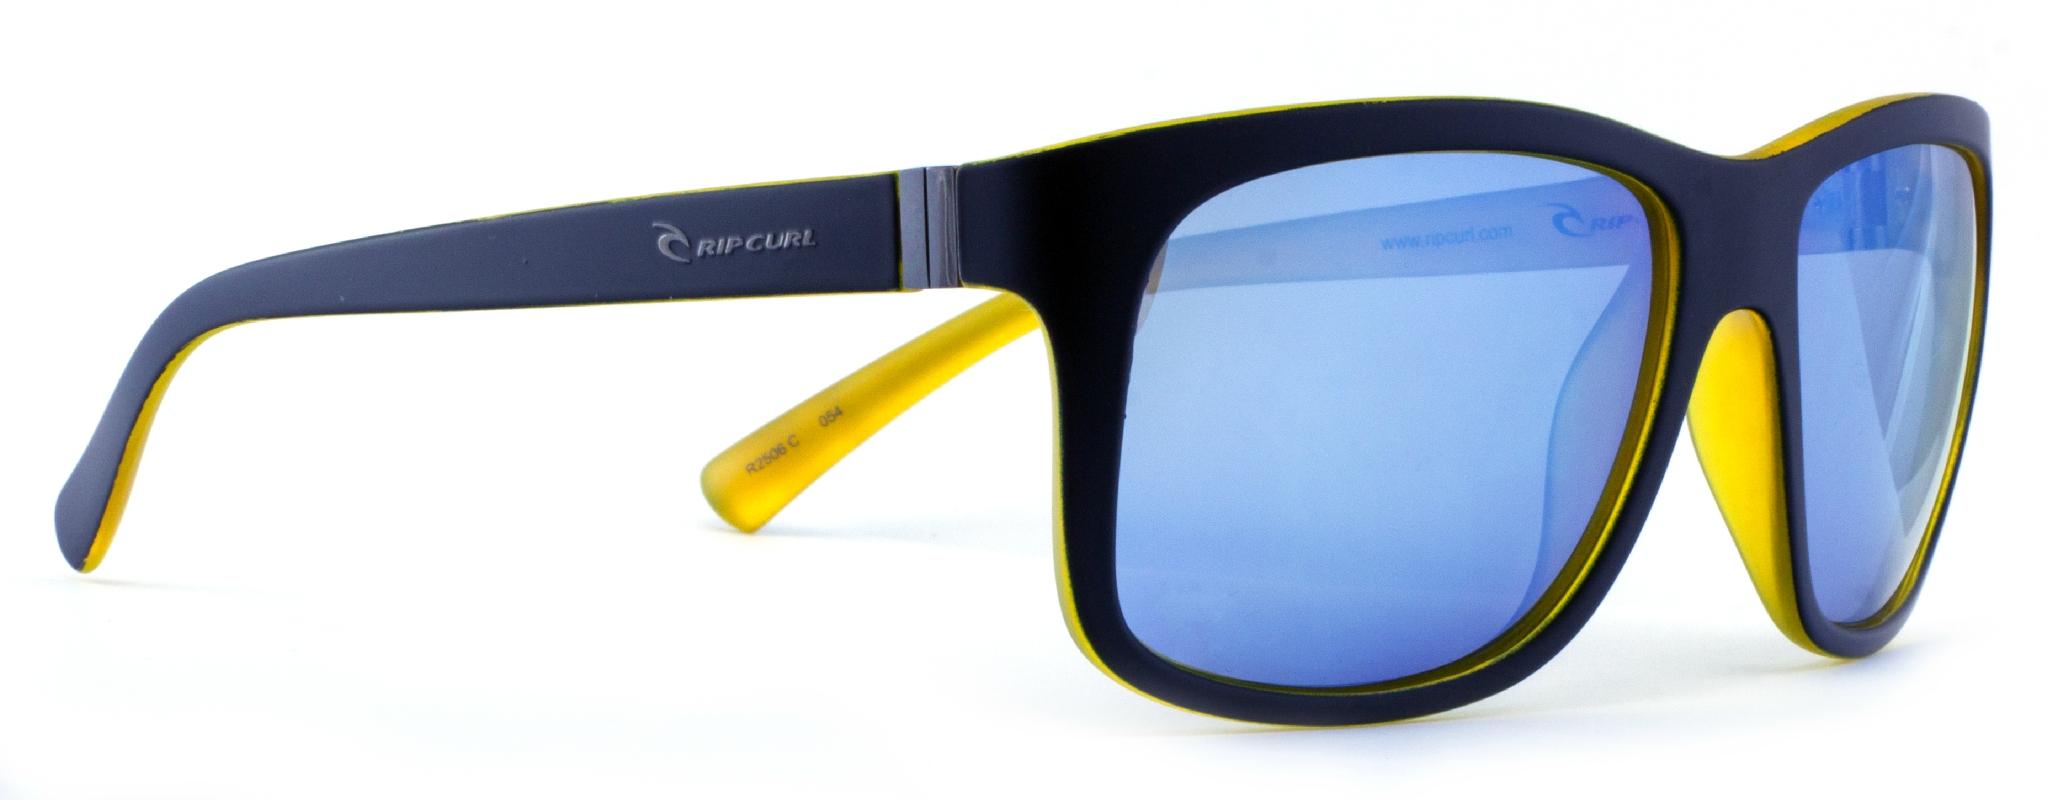 lunettes de soleil rip curl